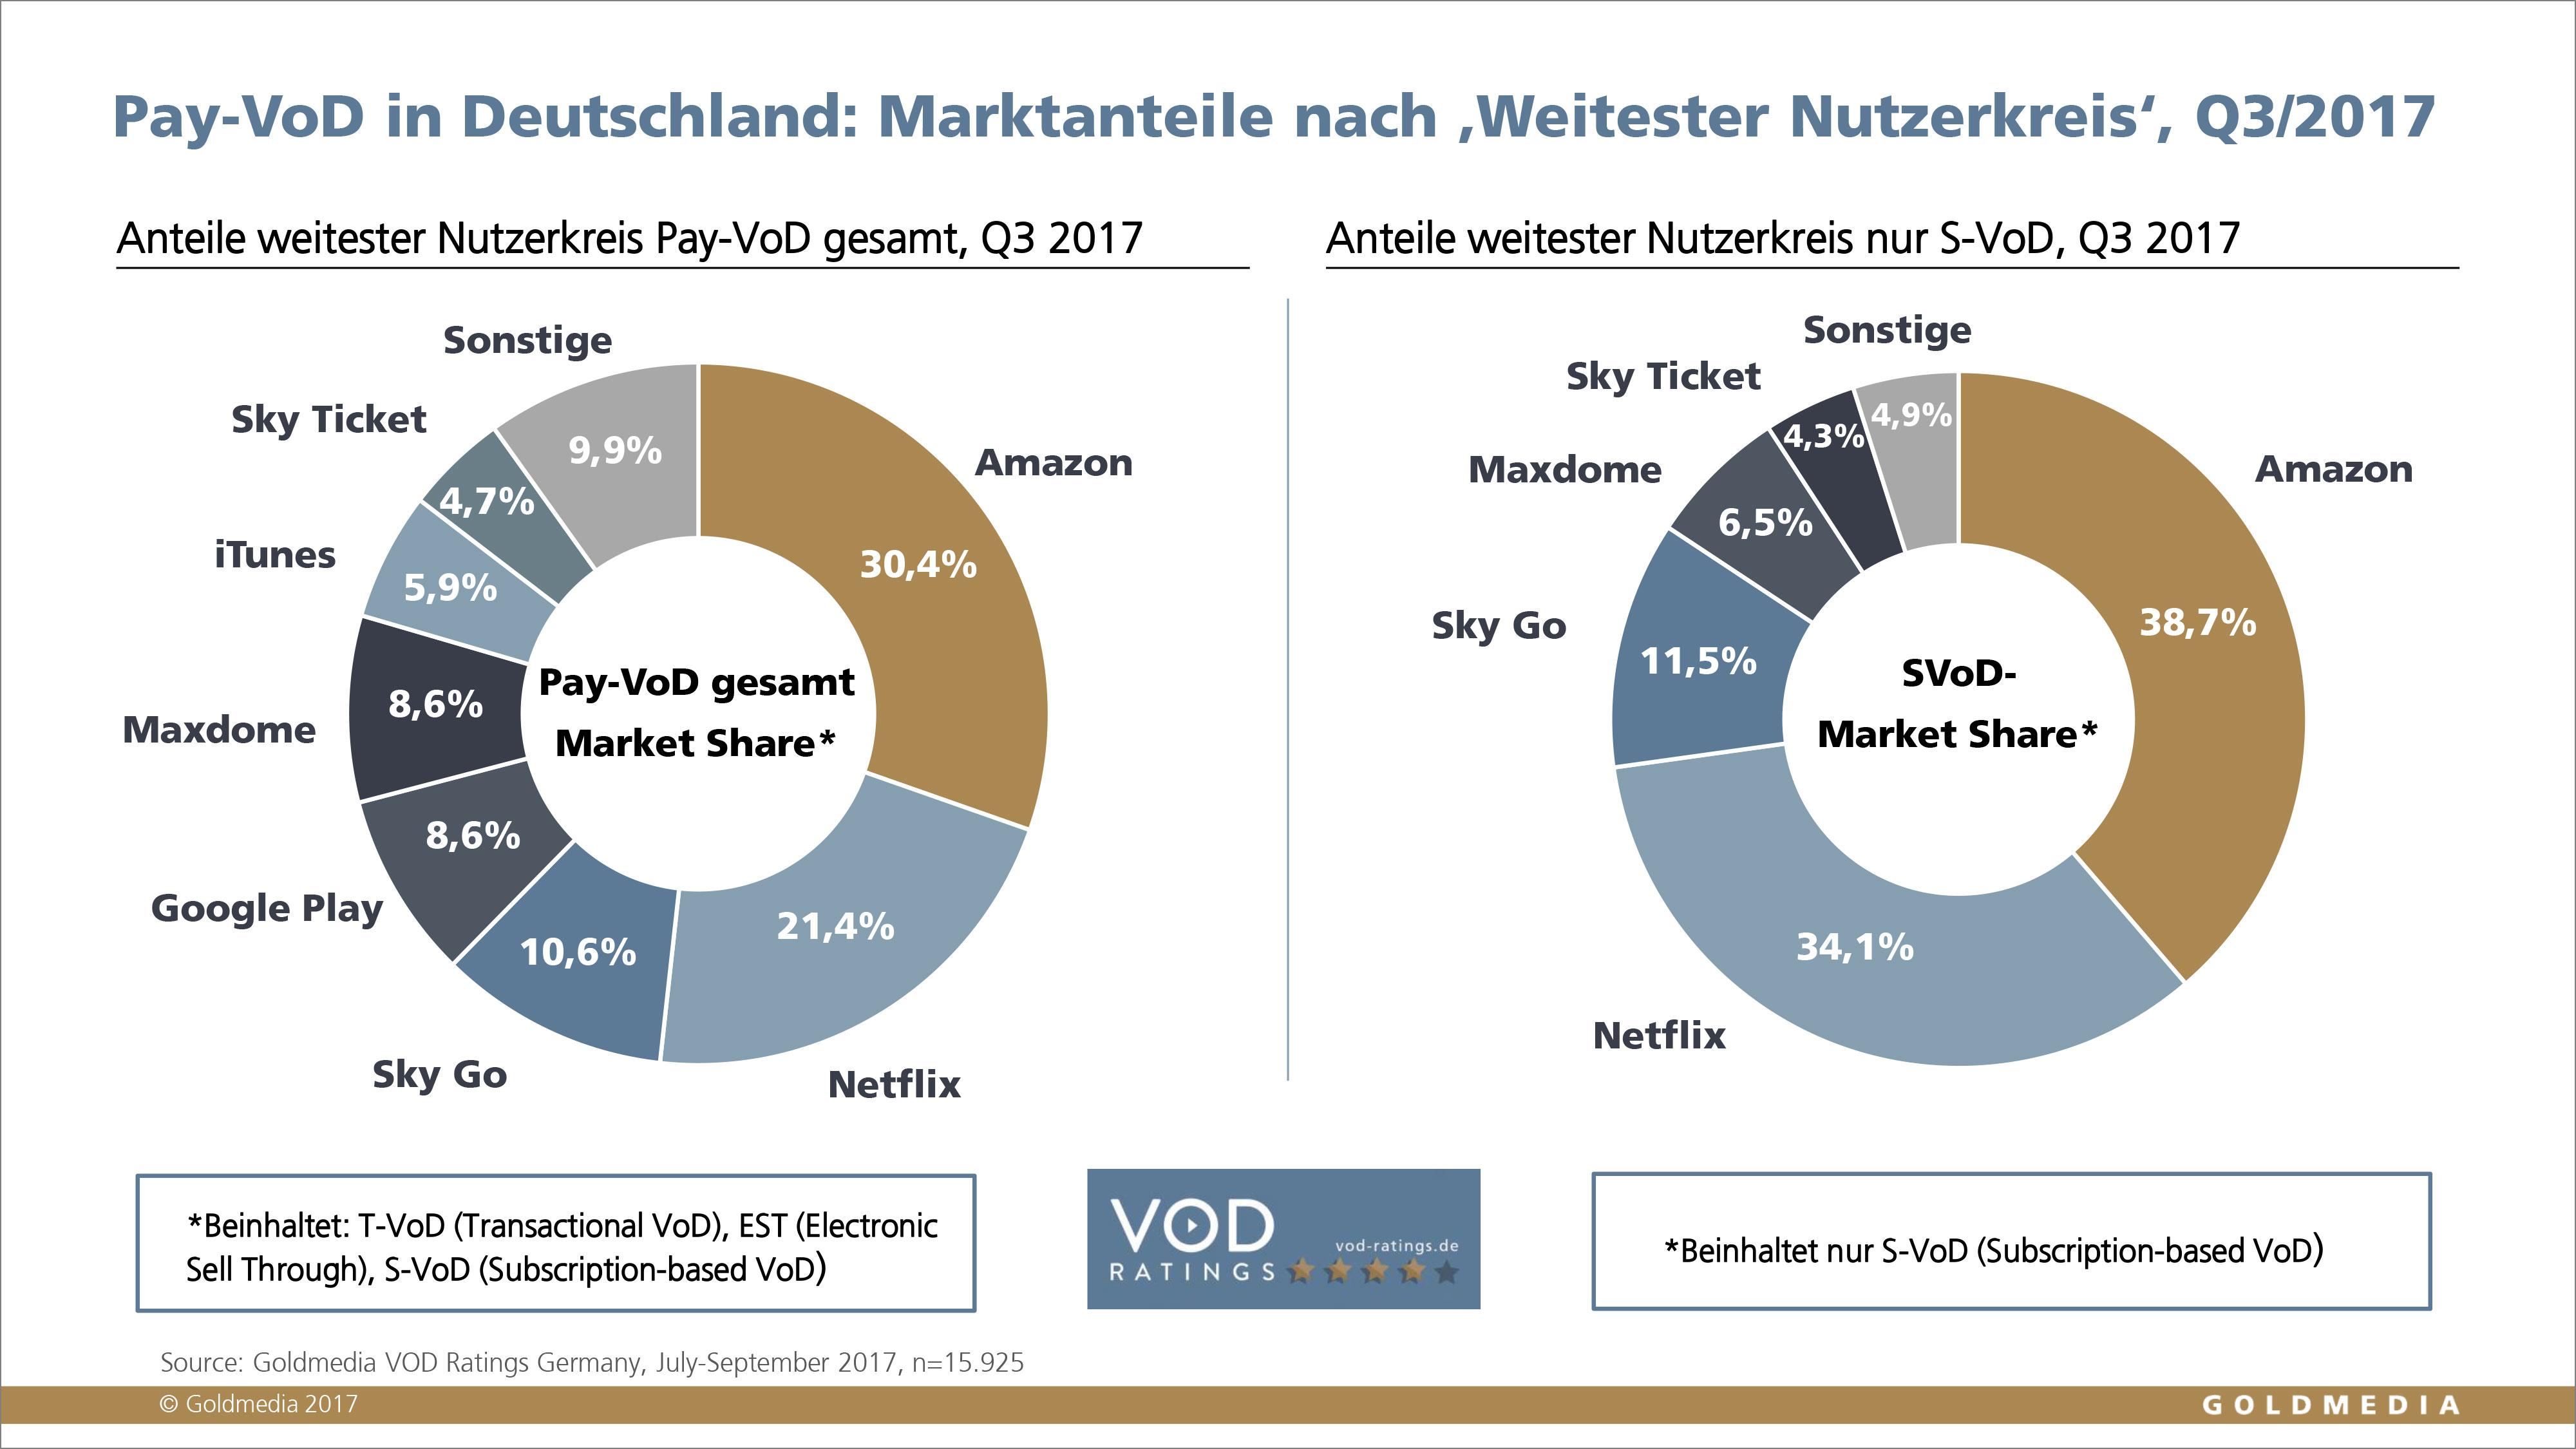 Küchenhersteller Deutschland Marktanteile ~ goldmedia pay vod in deutschland weiter auf wachstumskurs